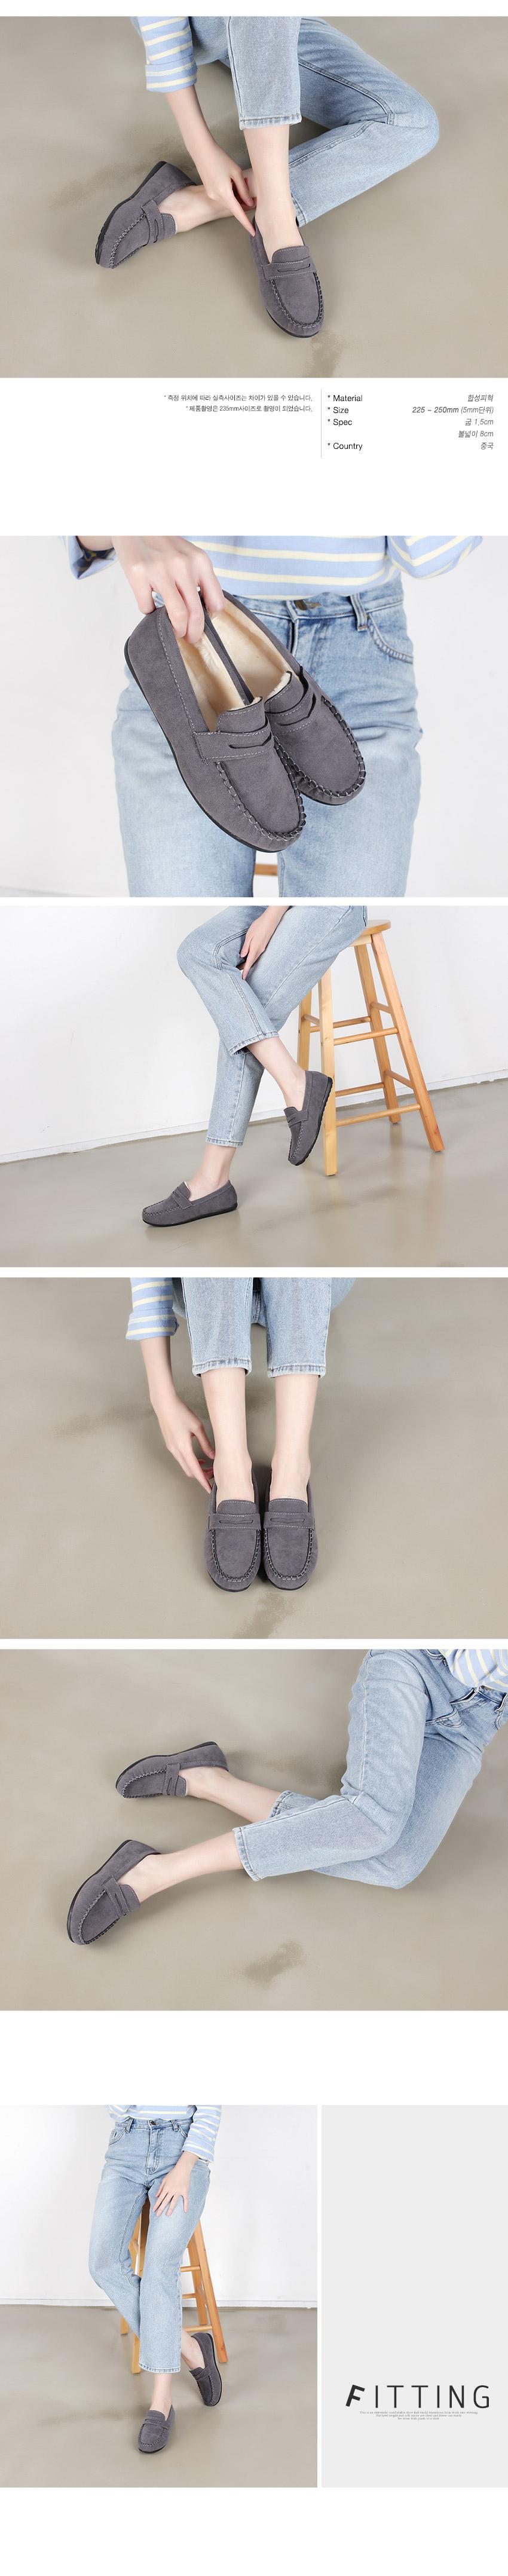 WS-6878 여자 털 단화 로퍼 털안감 겨울 신발 볼넓힘 - 더보이더걸, 29,800원, 로퍼/옥스포드, 로퍼